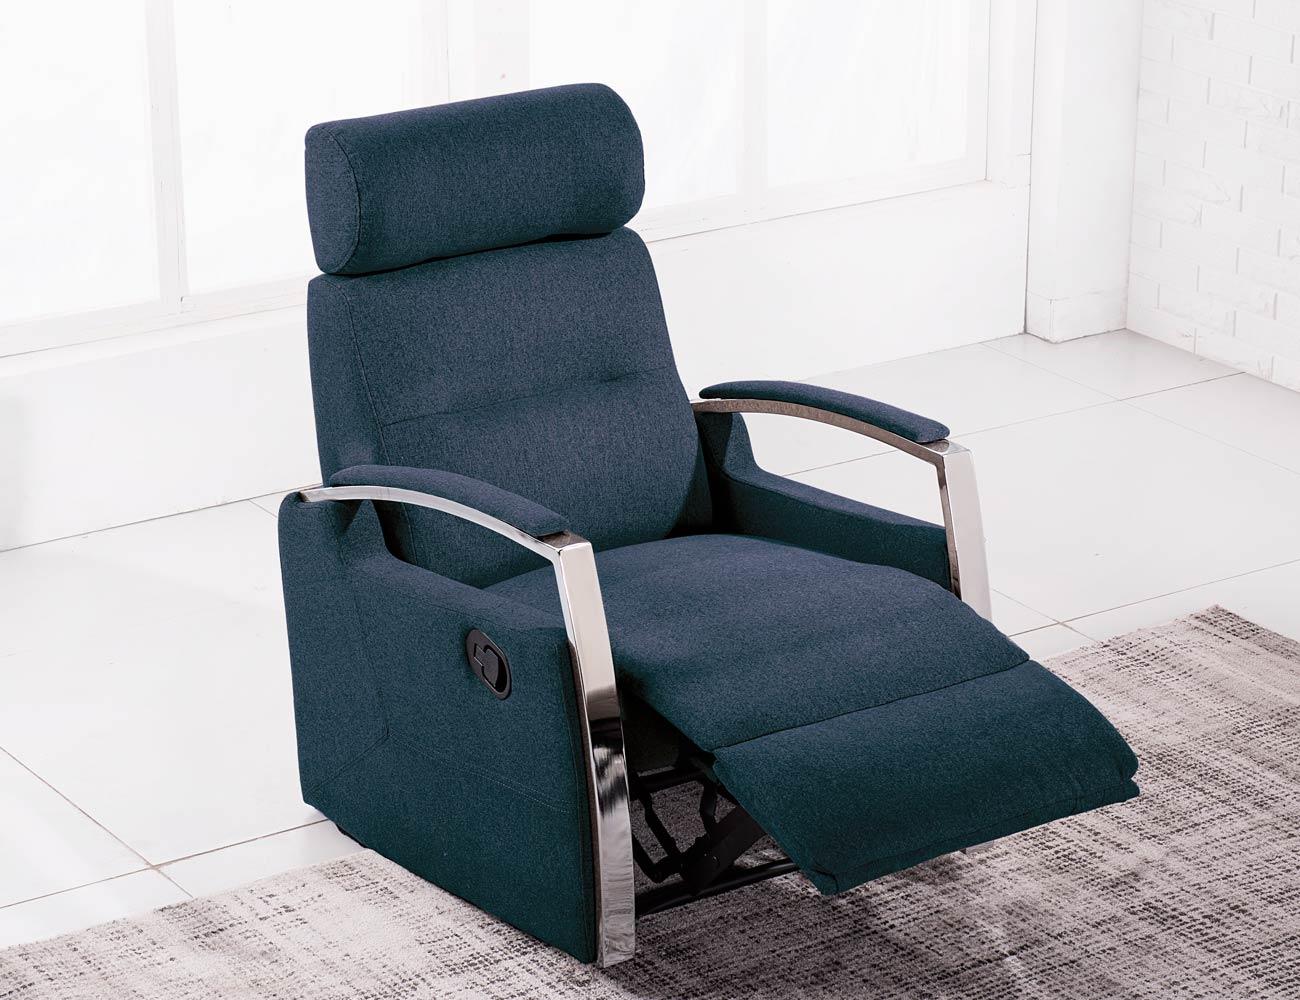 Mueble gris marengo 20170906150649 for Factory del mueble azuaga